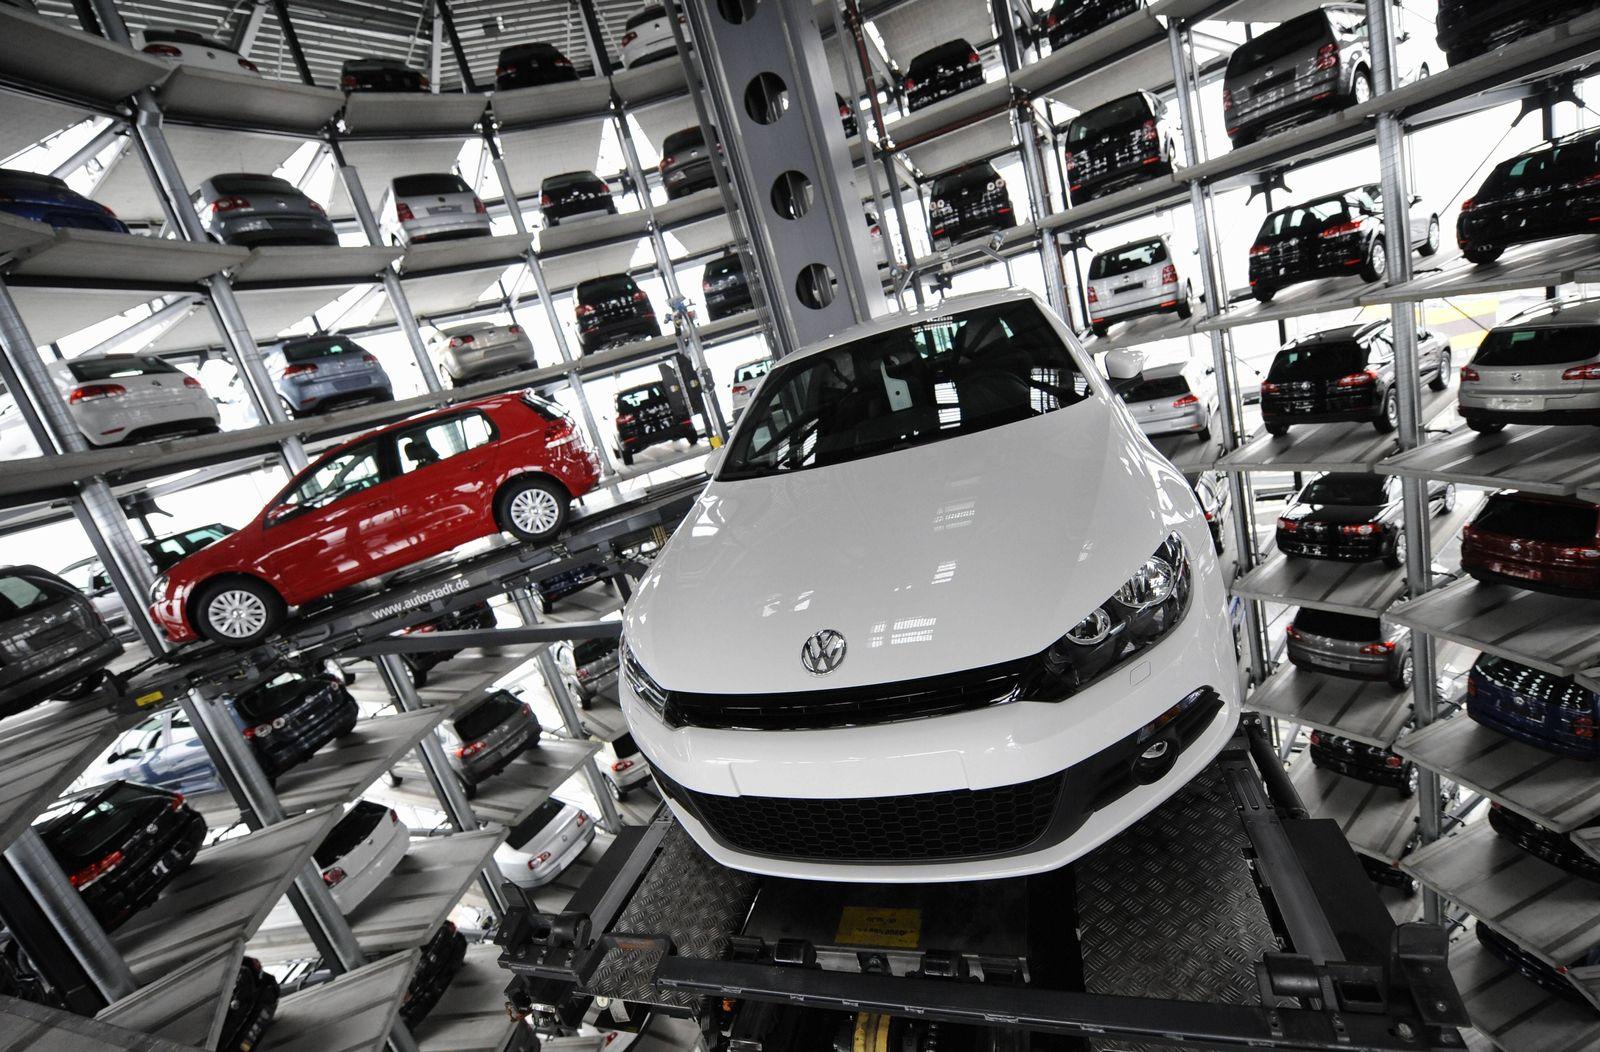 NICHT VERWENDEN THEMEN Wirtschaft Volkswagen